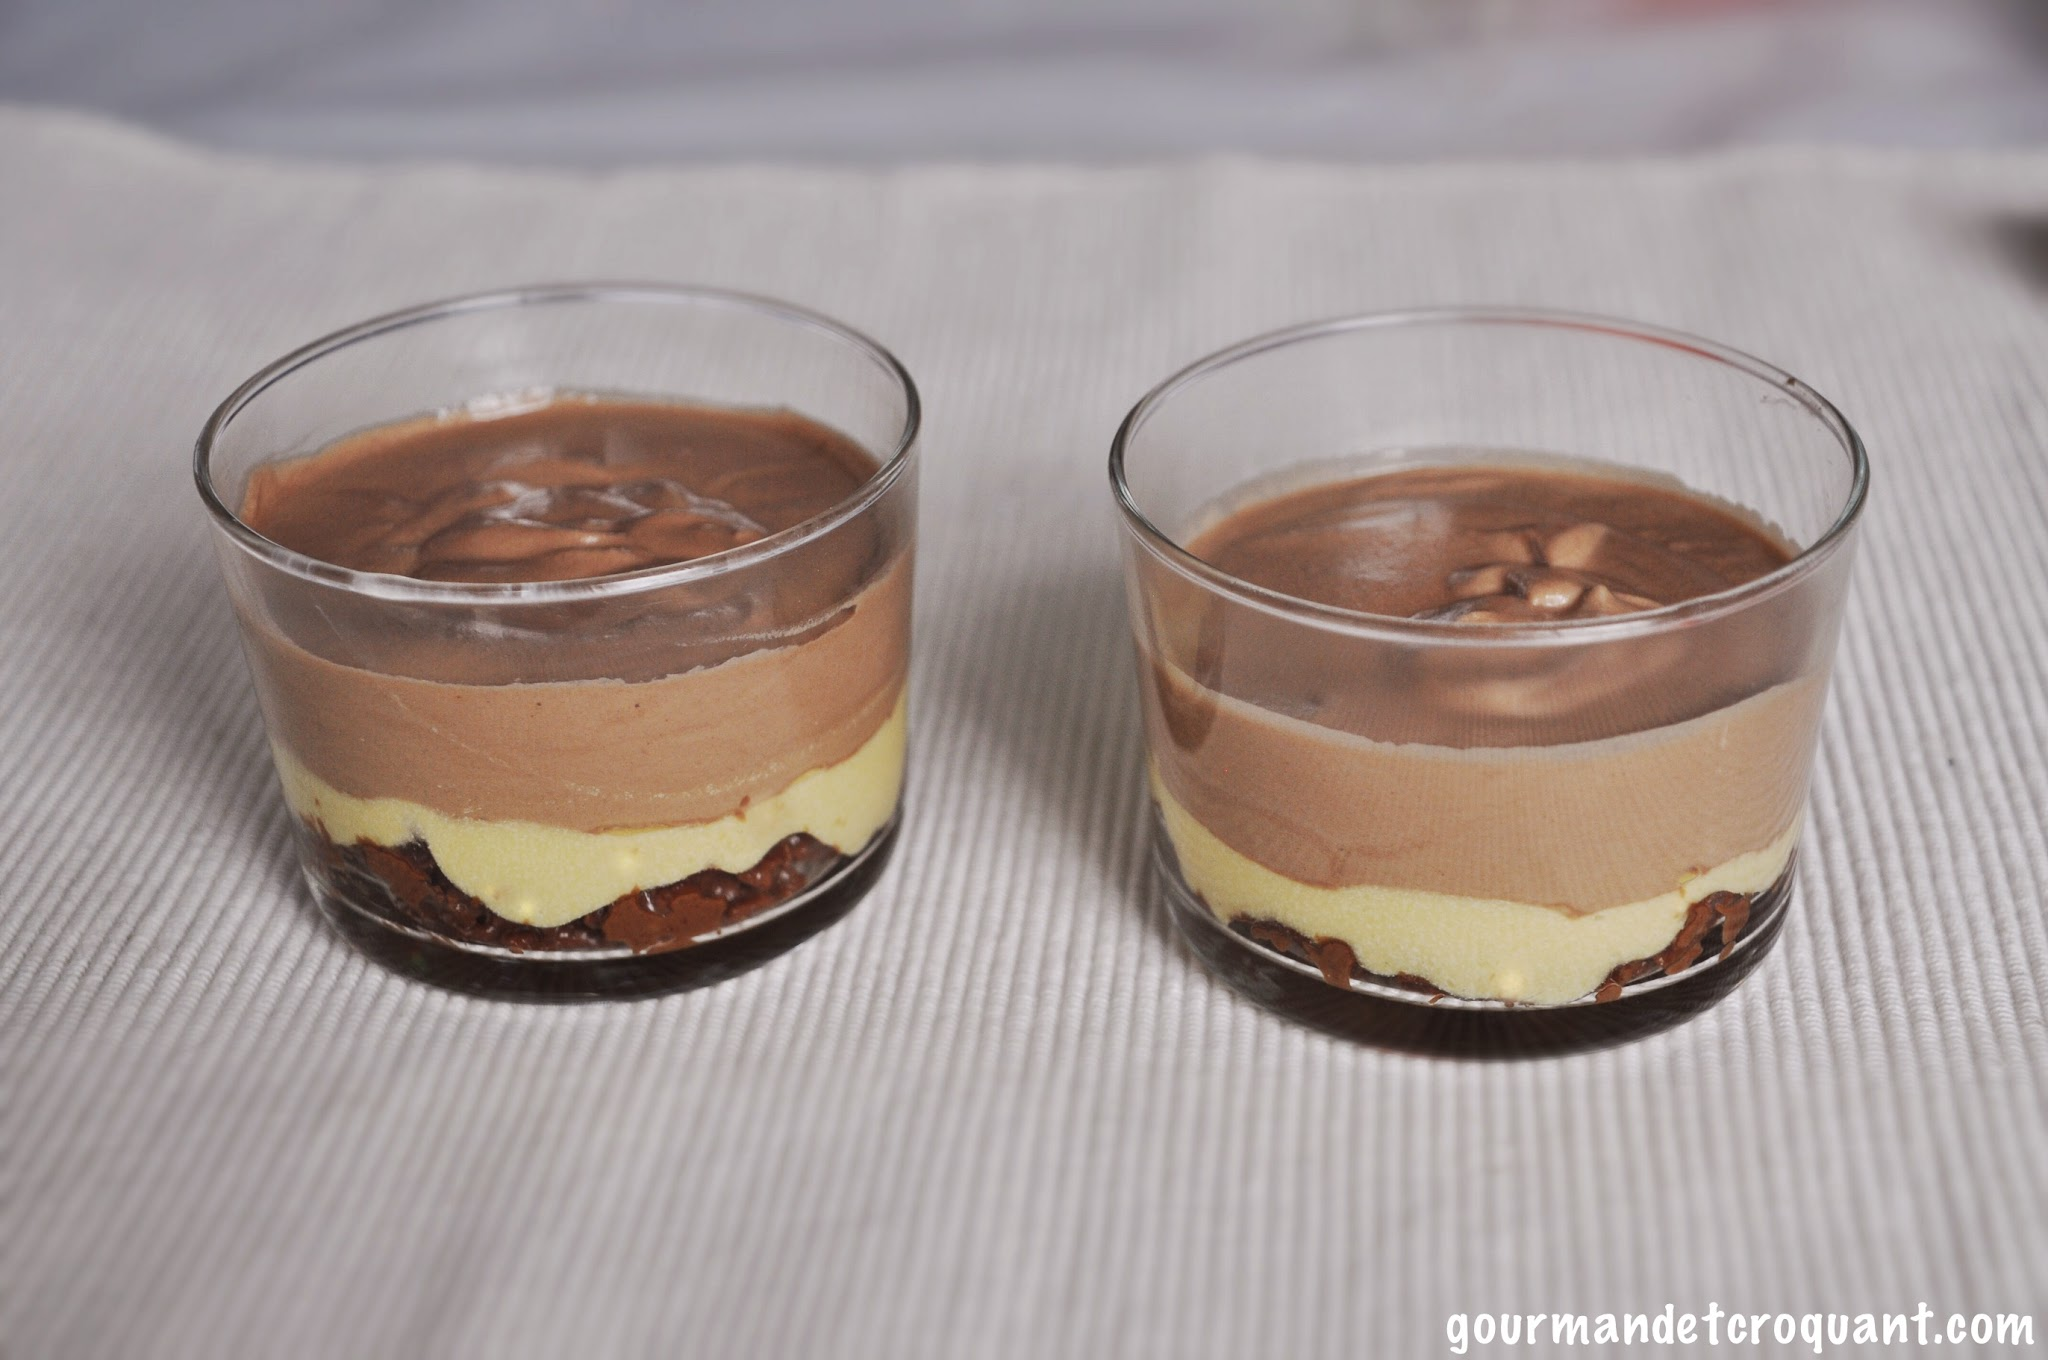 mousse-chocolat-lait-passion-praline-crousti